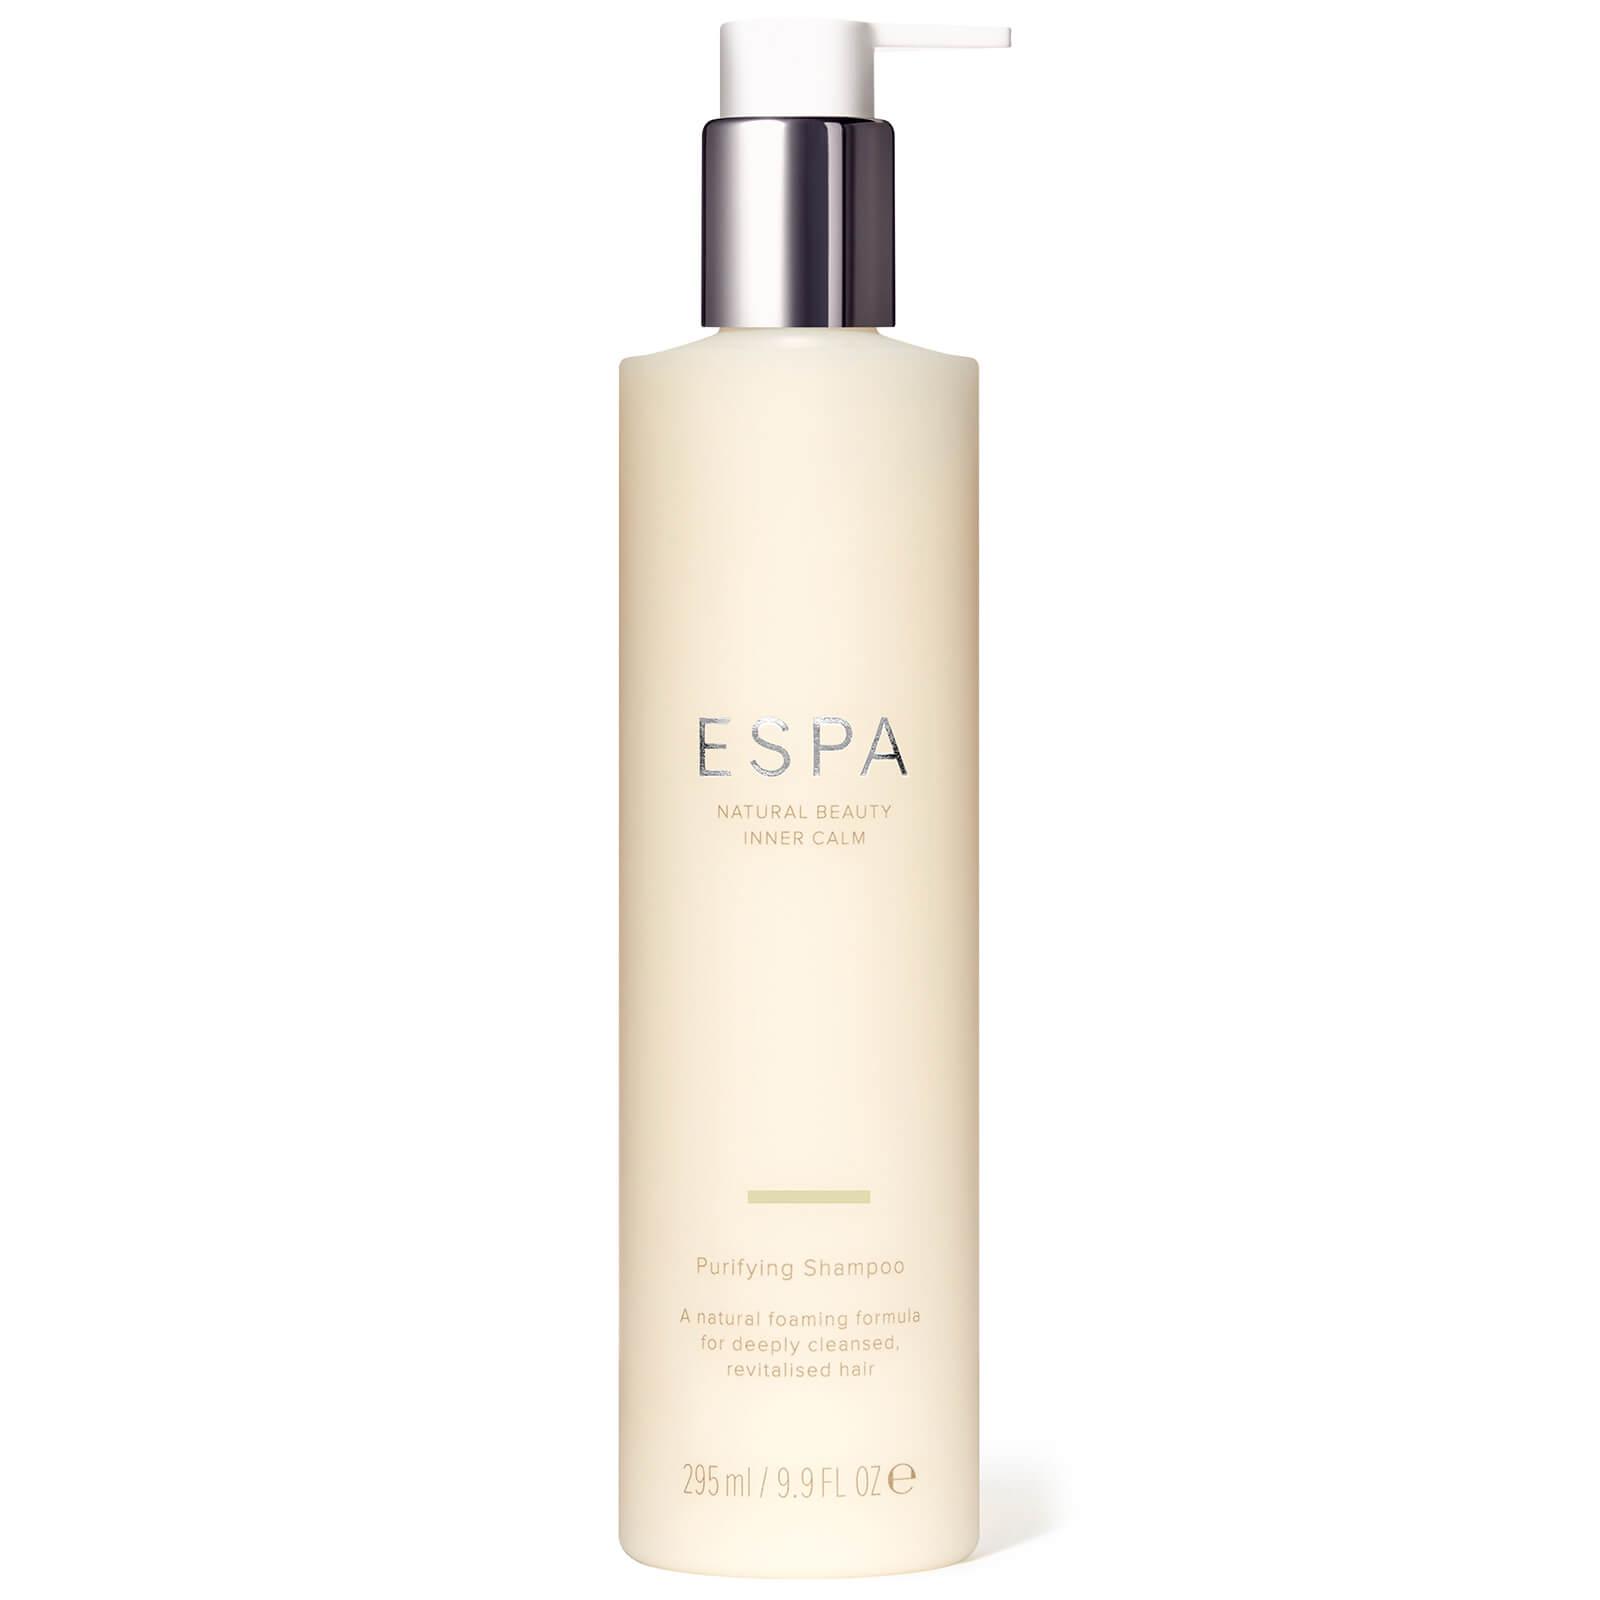 ESPA Purifying Shampoo 295ml